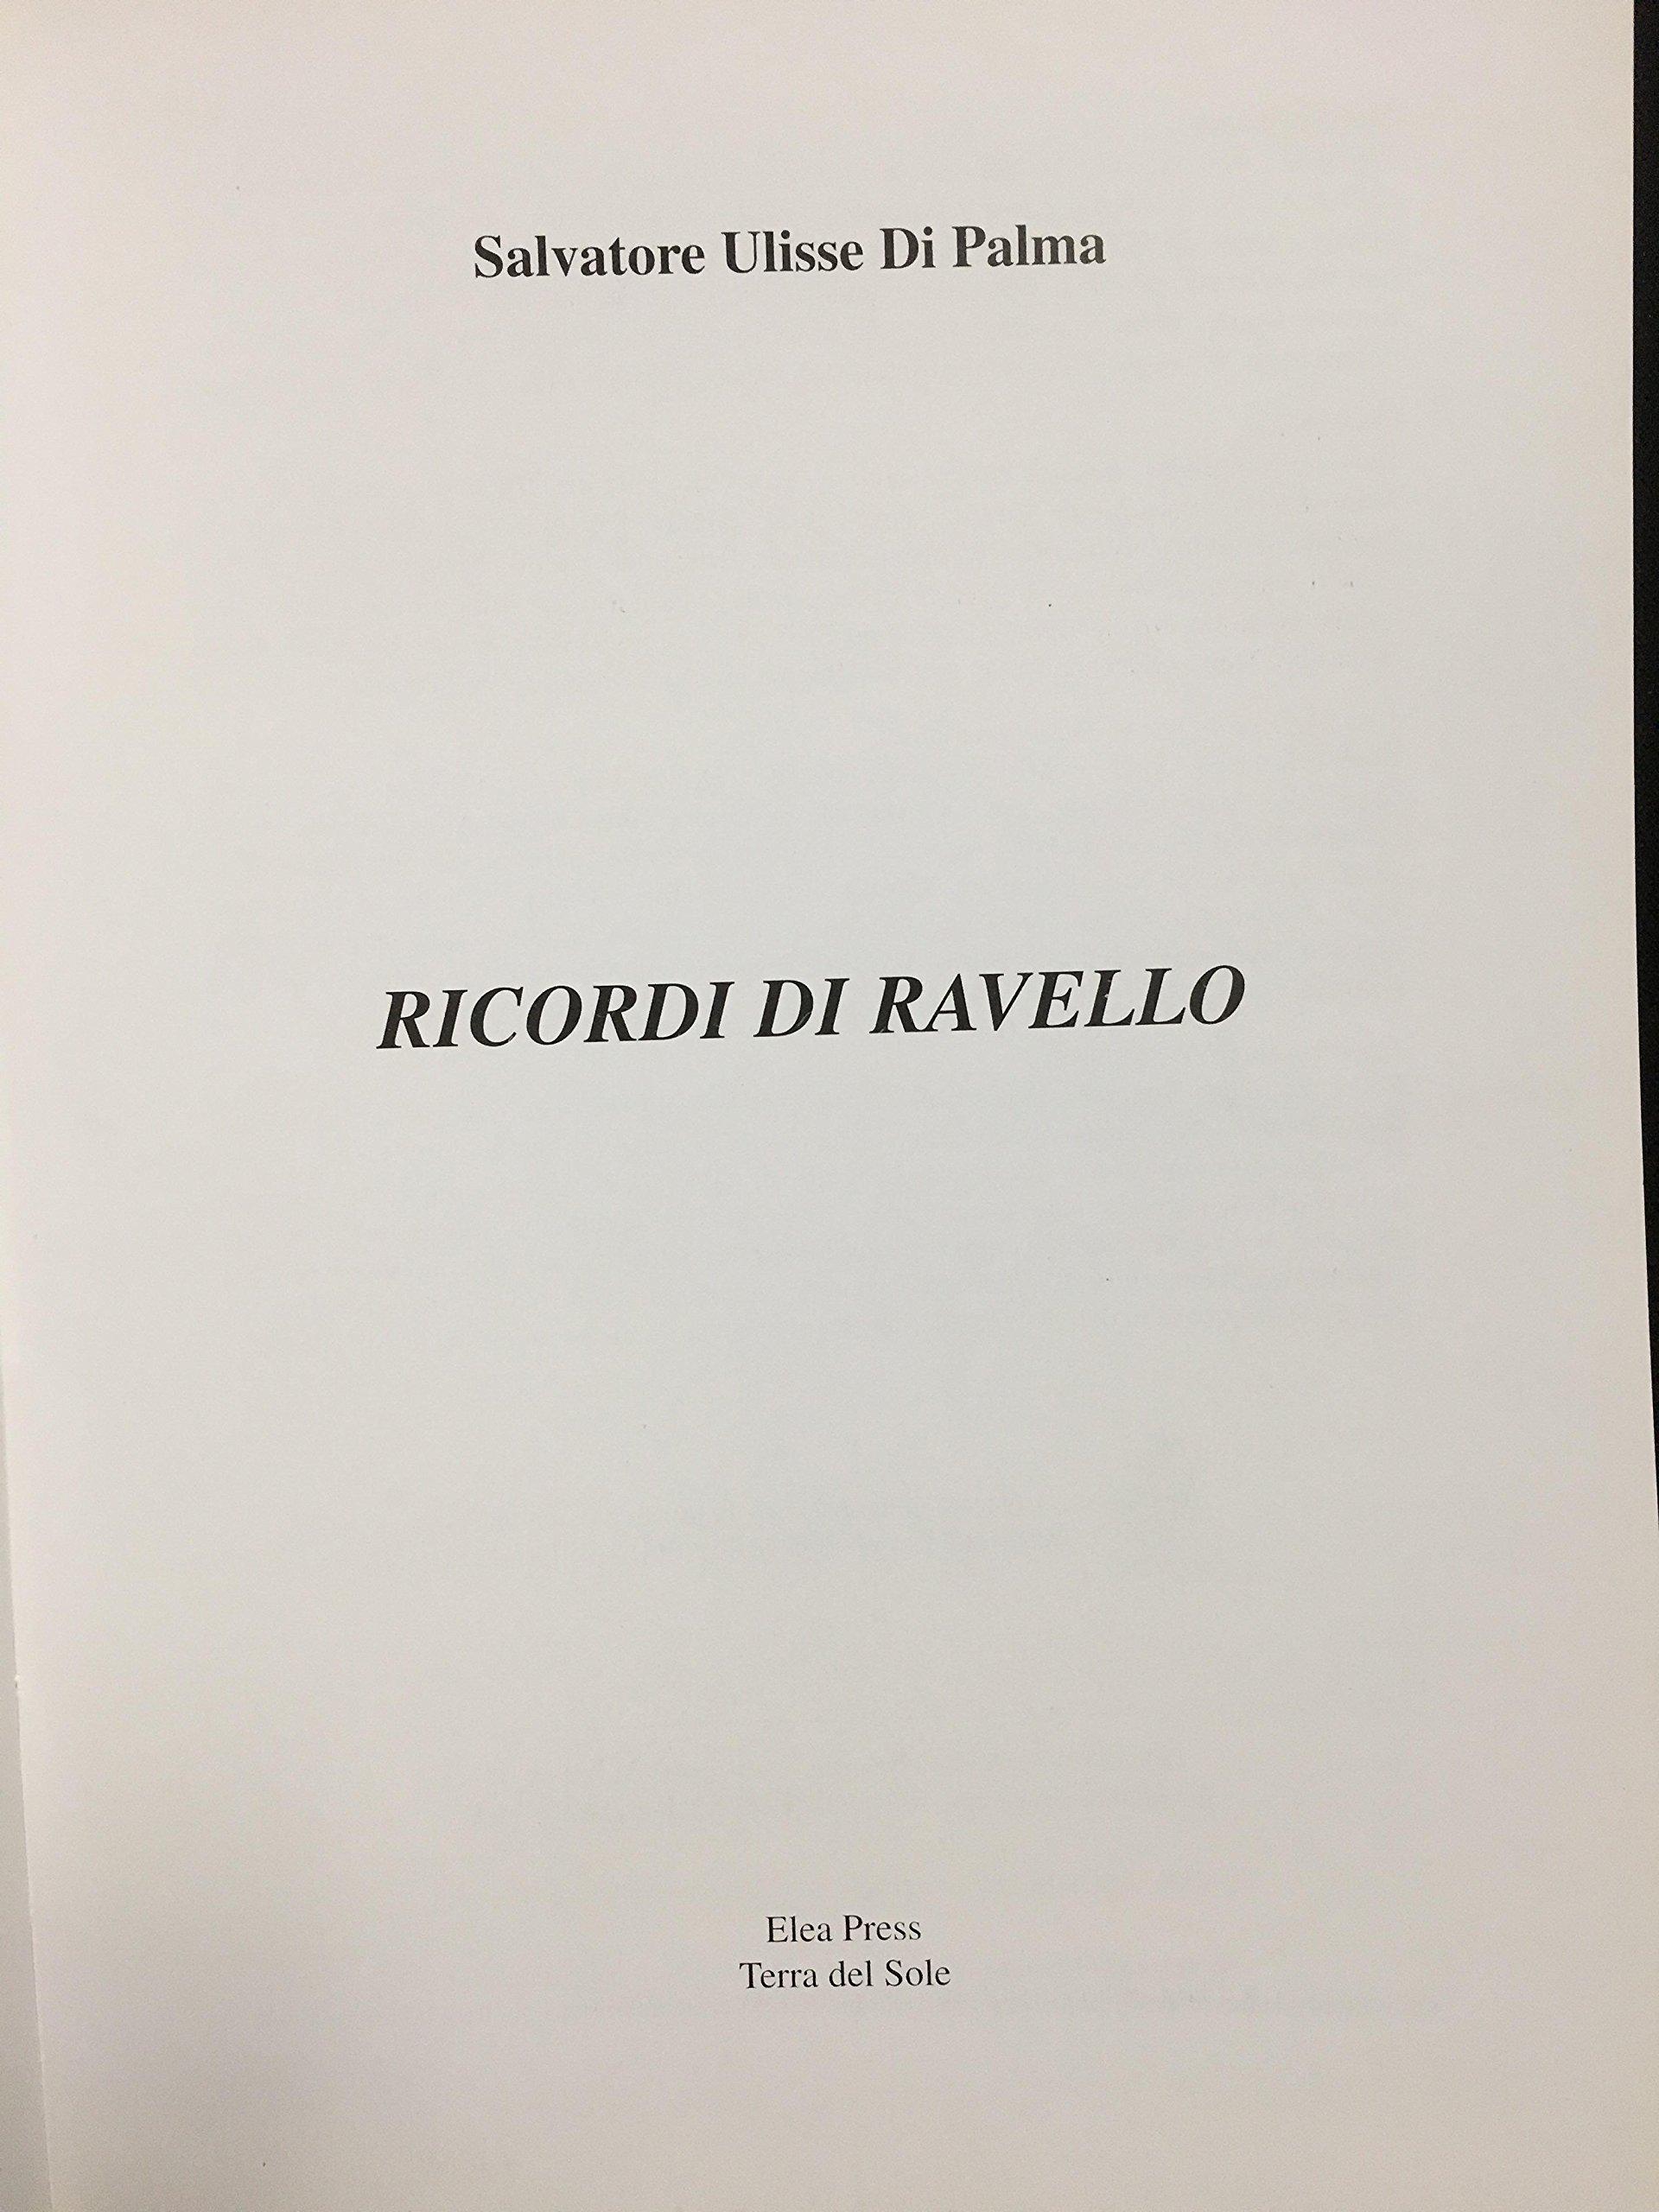 Amazon.com: Ricordi Di Ravello: Salvatore Ulisse Di Palma: Books